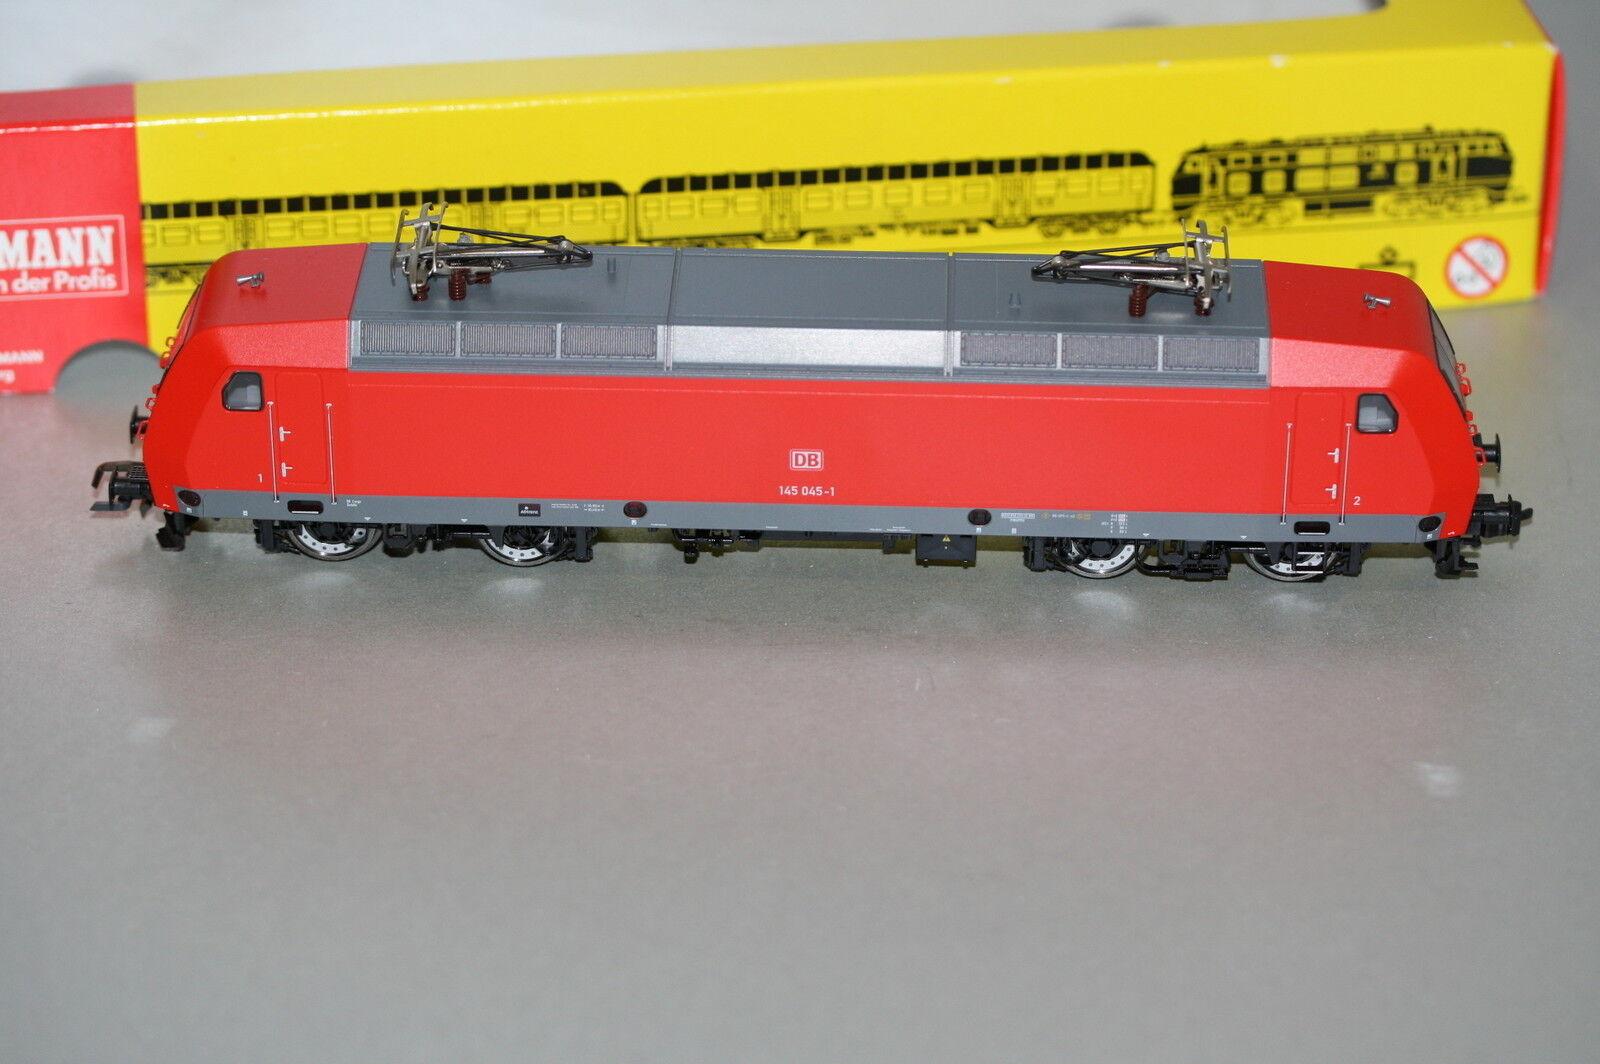 Fleischmann 4322 K elok serie siano 145 045-1 DB DSS traccia h0 OVP